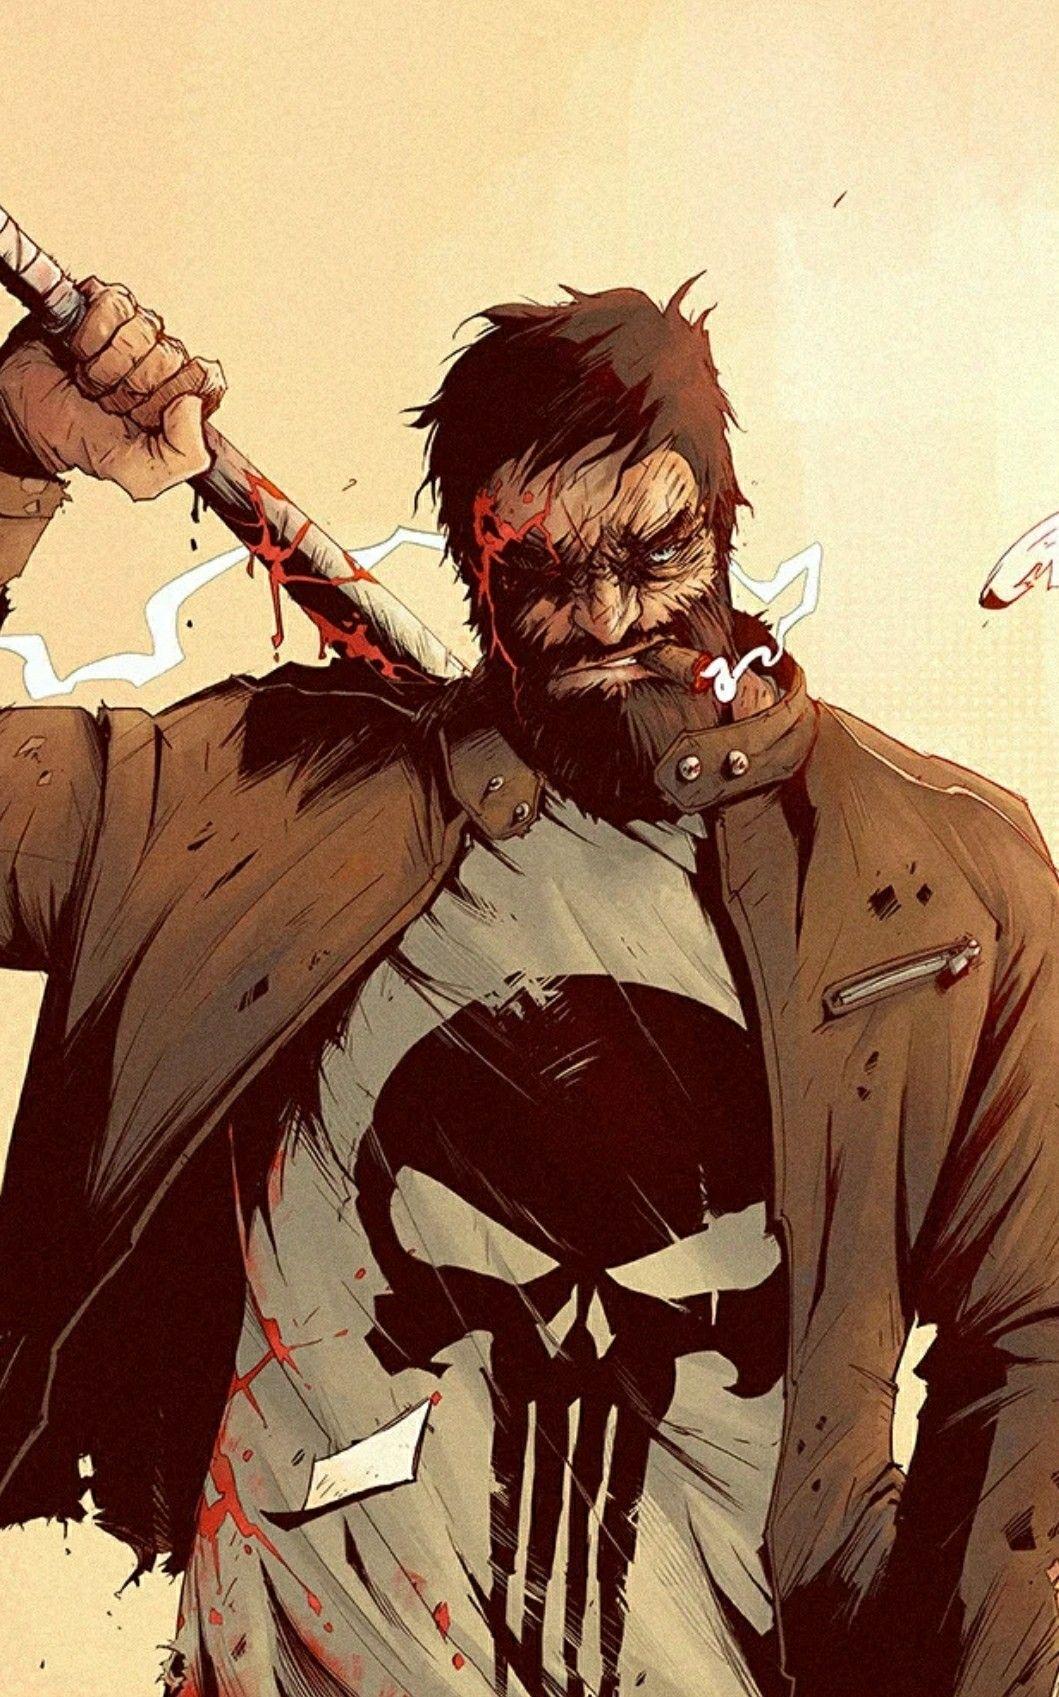 Punisher art image by Alden Burnell on Frank Castle